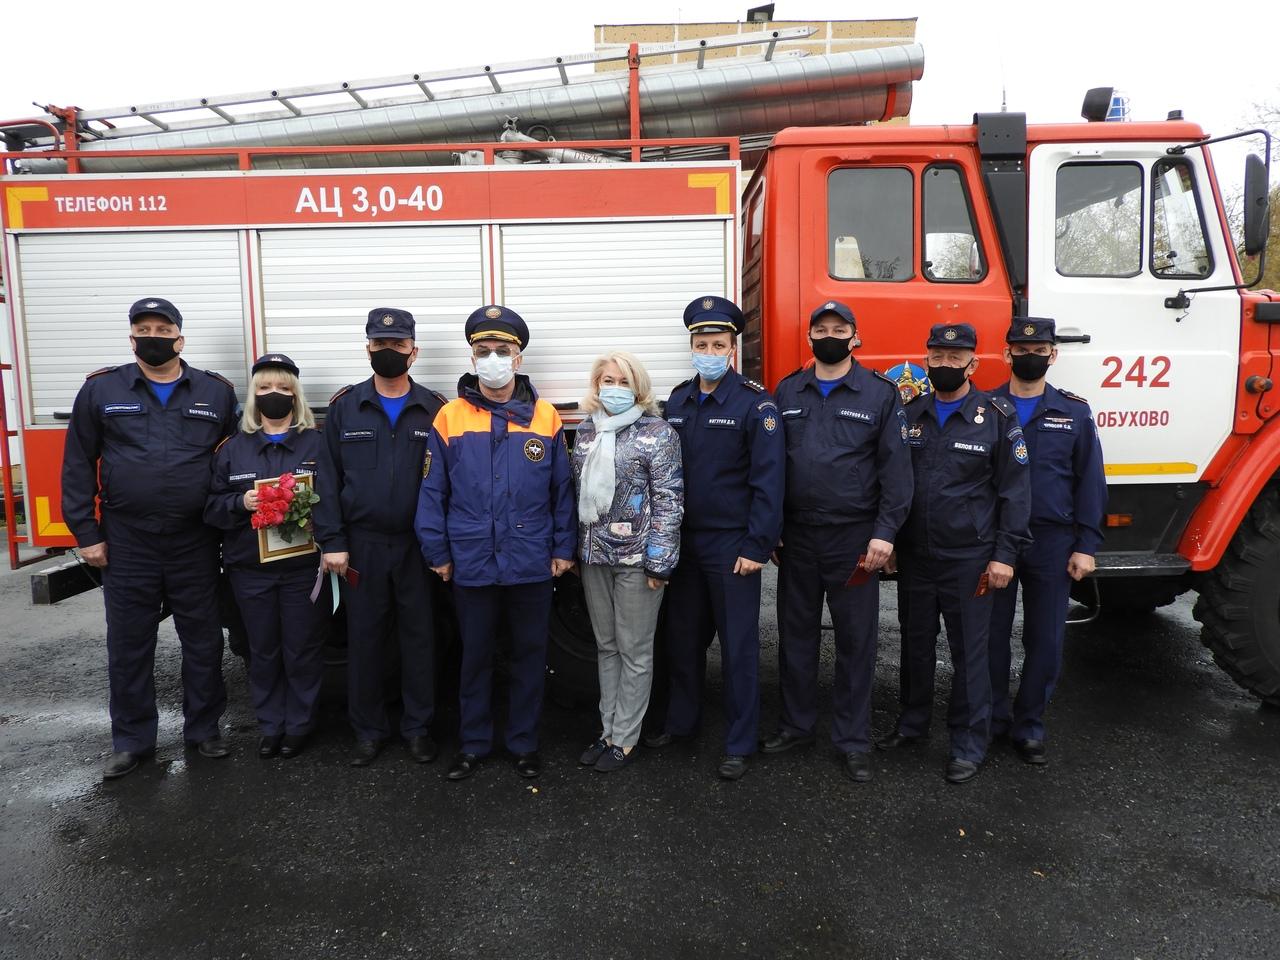 Сегодня на территории 242-й пожарной части #Мособлпожспас, расположенной в рабочем поселке Обухово Богородского городского округа состоялось награждение пожарных, спасших трех человек на пожаре👏🏼👏🏼👏🏼  ⠀  Ведомственными знаками «За заслуги» и почетными